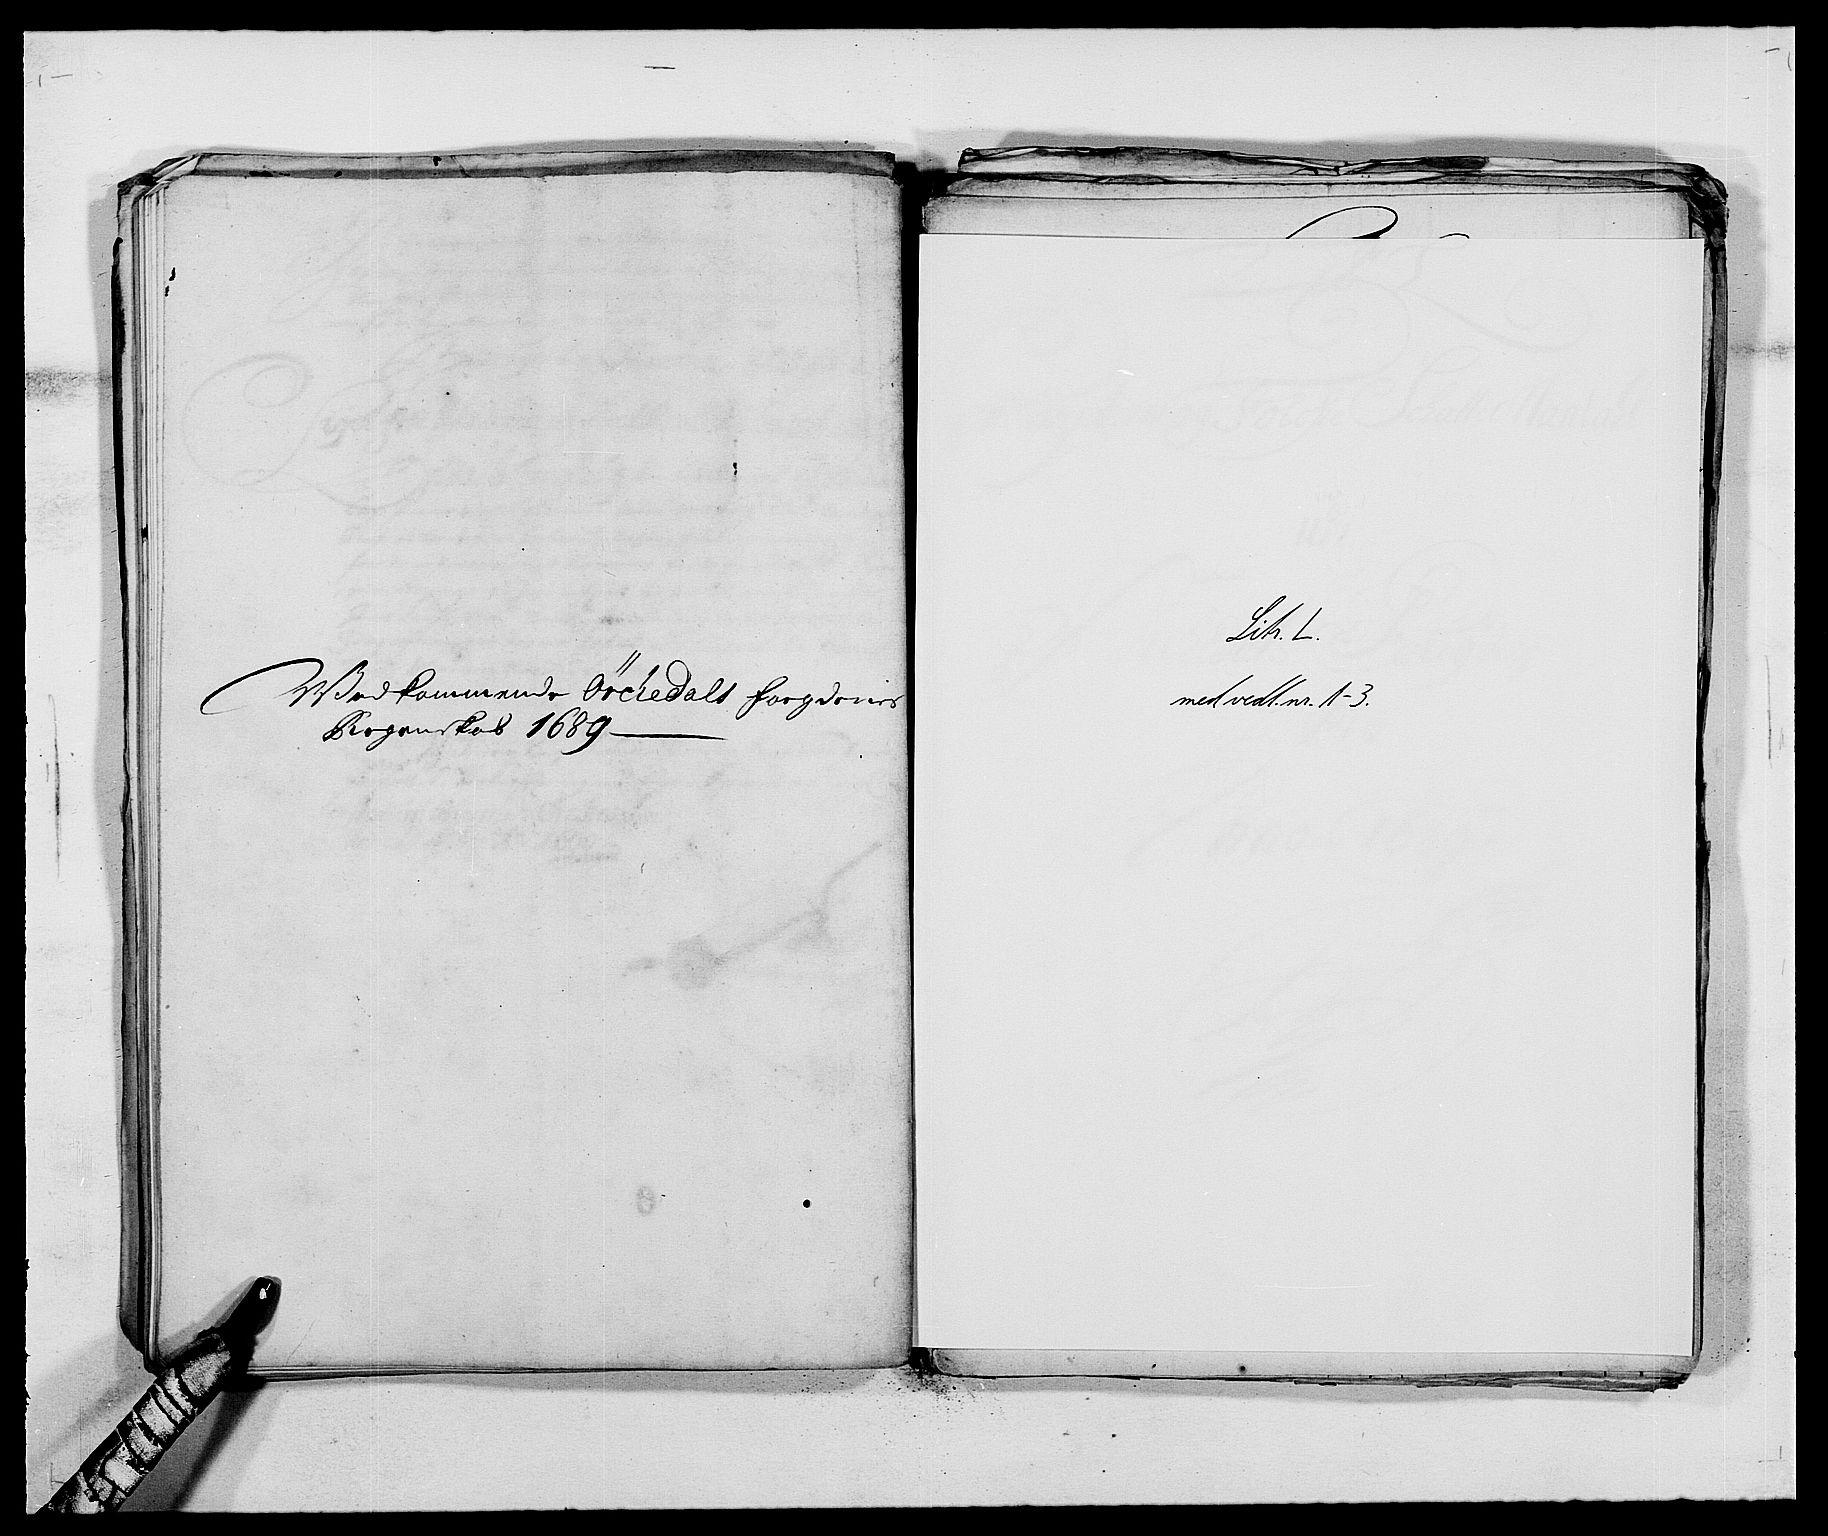 RA, Rentekammeret inntil 1814, Reviderte regnskaper, Fogderegnskap, R58/L3936: Fogderegnskap Orkdal, 1689-1690, s. 118